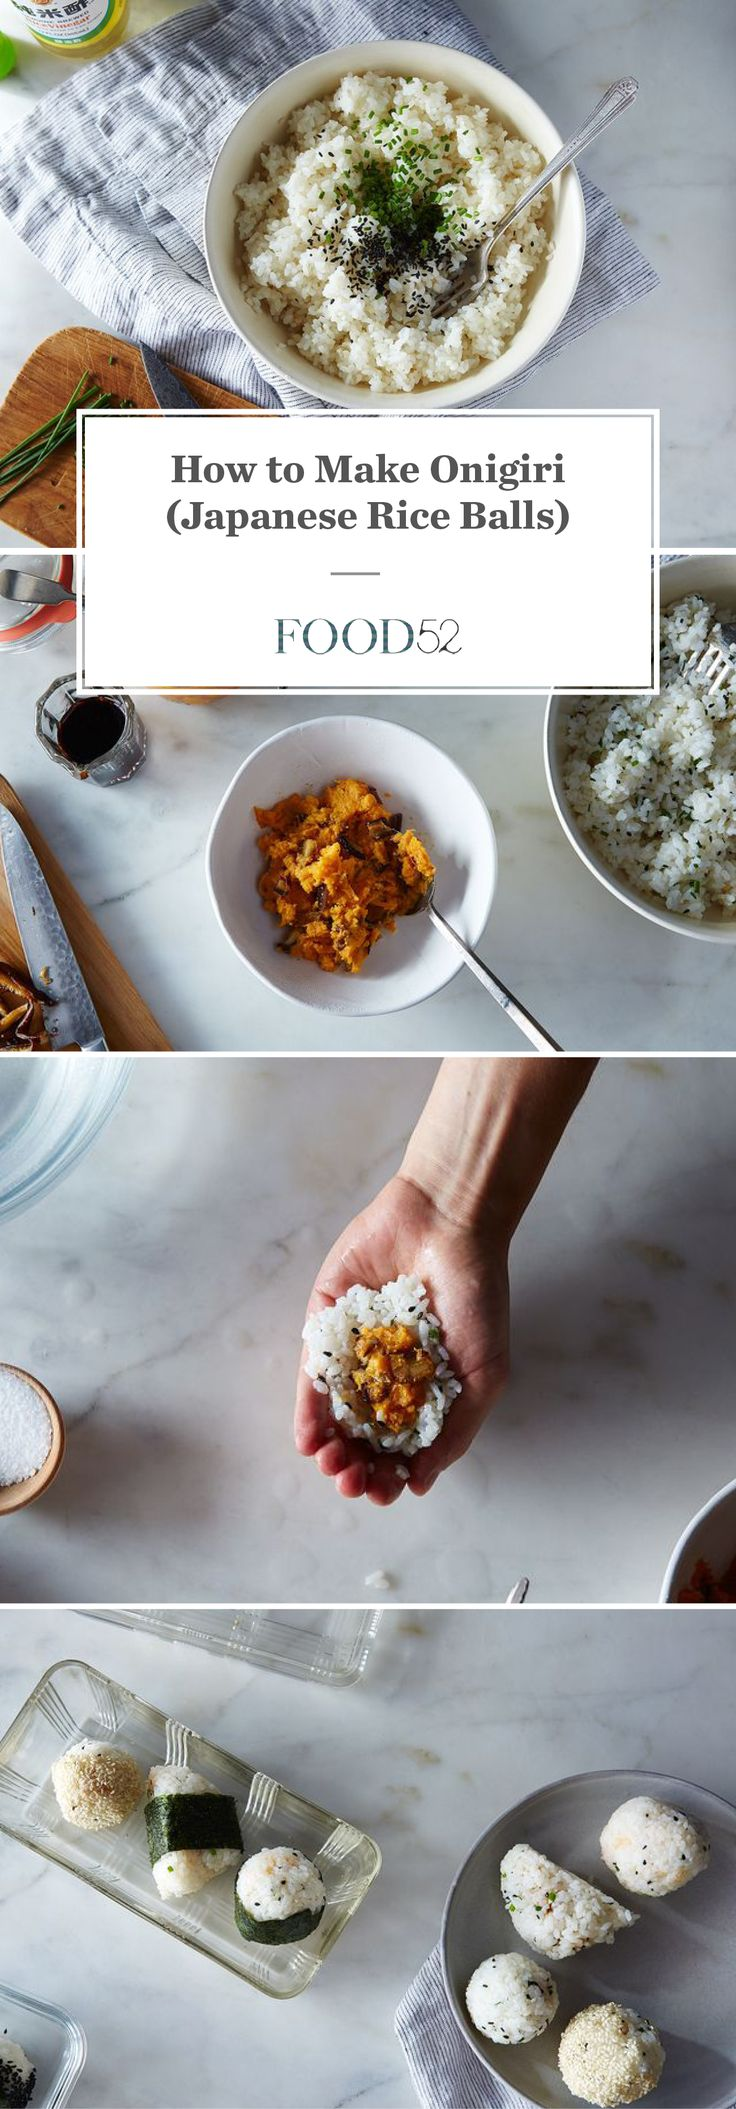 How to Make Onigiri (Japanese Rice Balls) Any Which Way